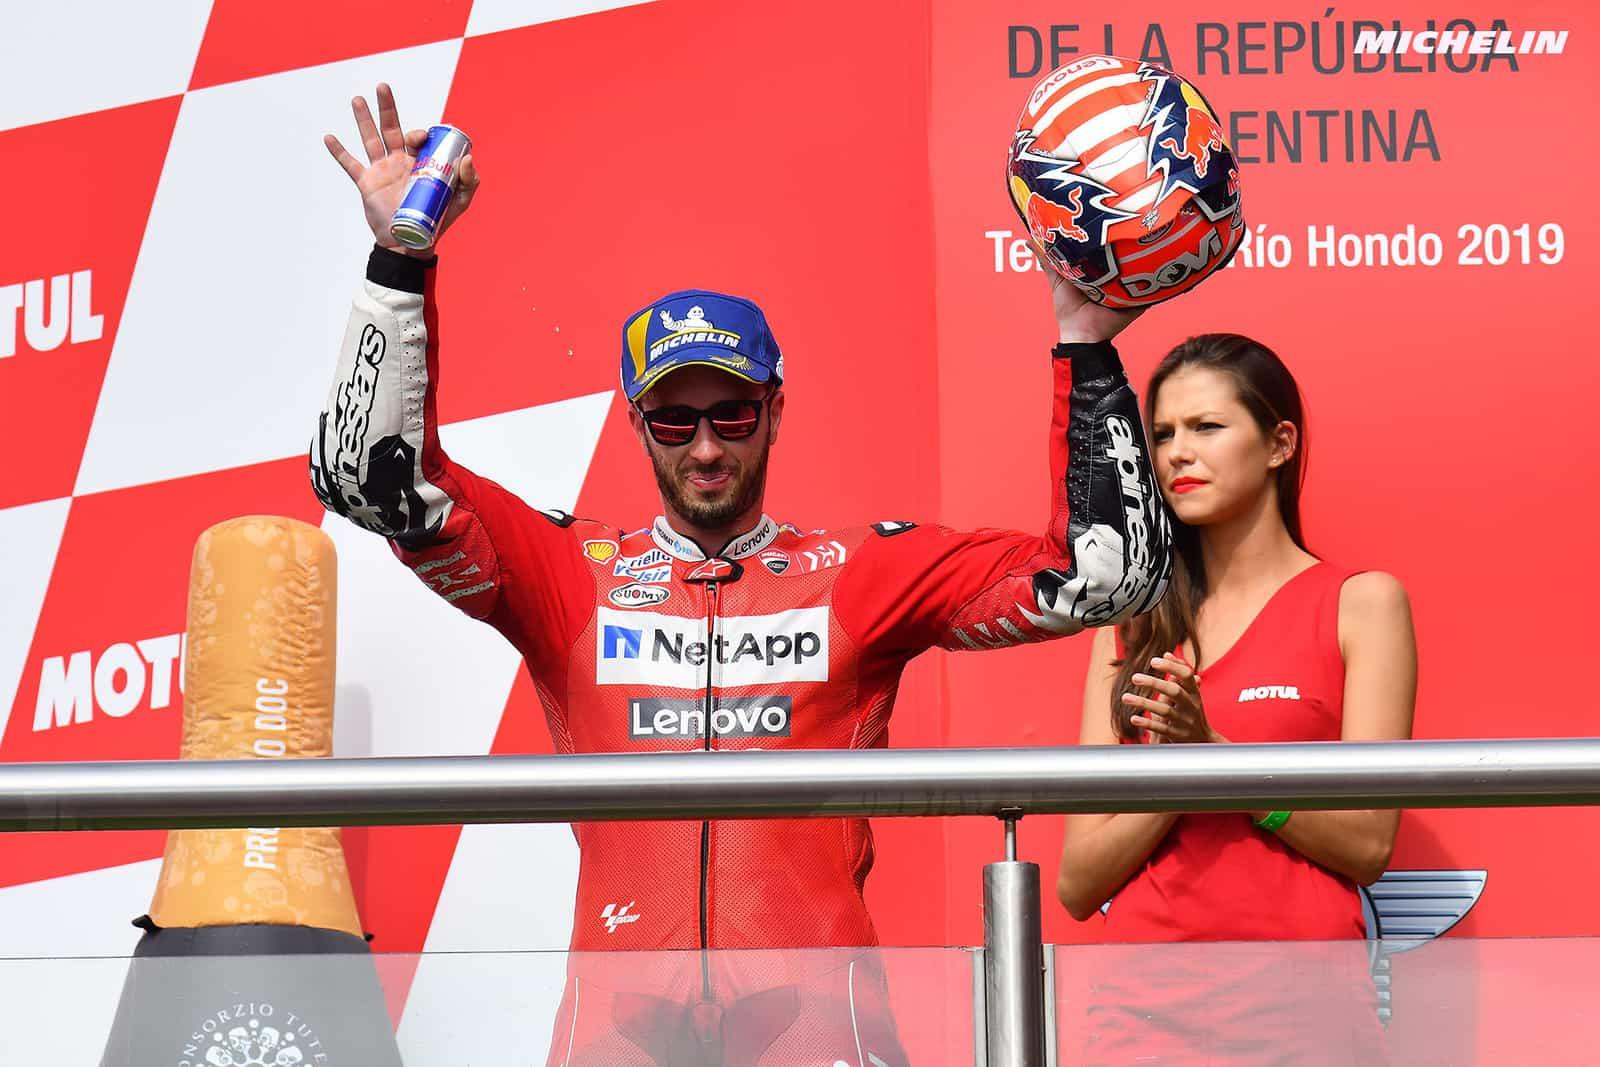 アルゼンチンGP3位 ドヴィツィオーゾ「バレンティーノに走りを研究されてしまった」